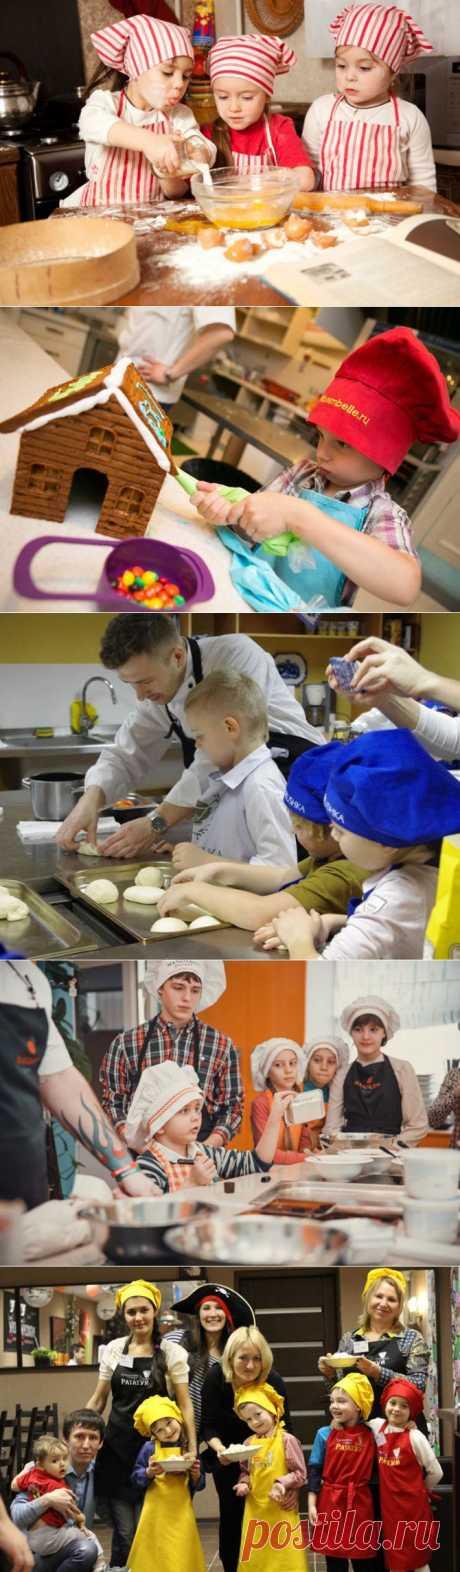 Школы для юных кулинаров в российских городах   О наших детях